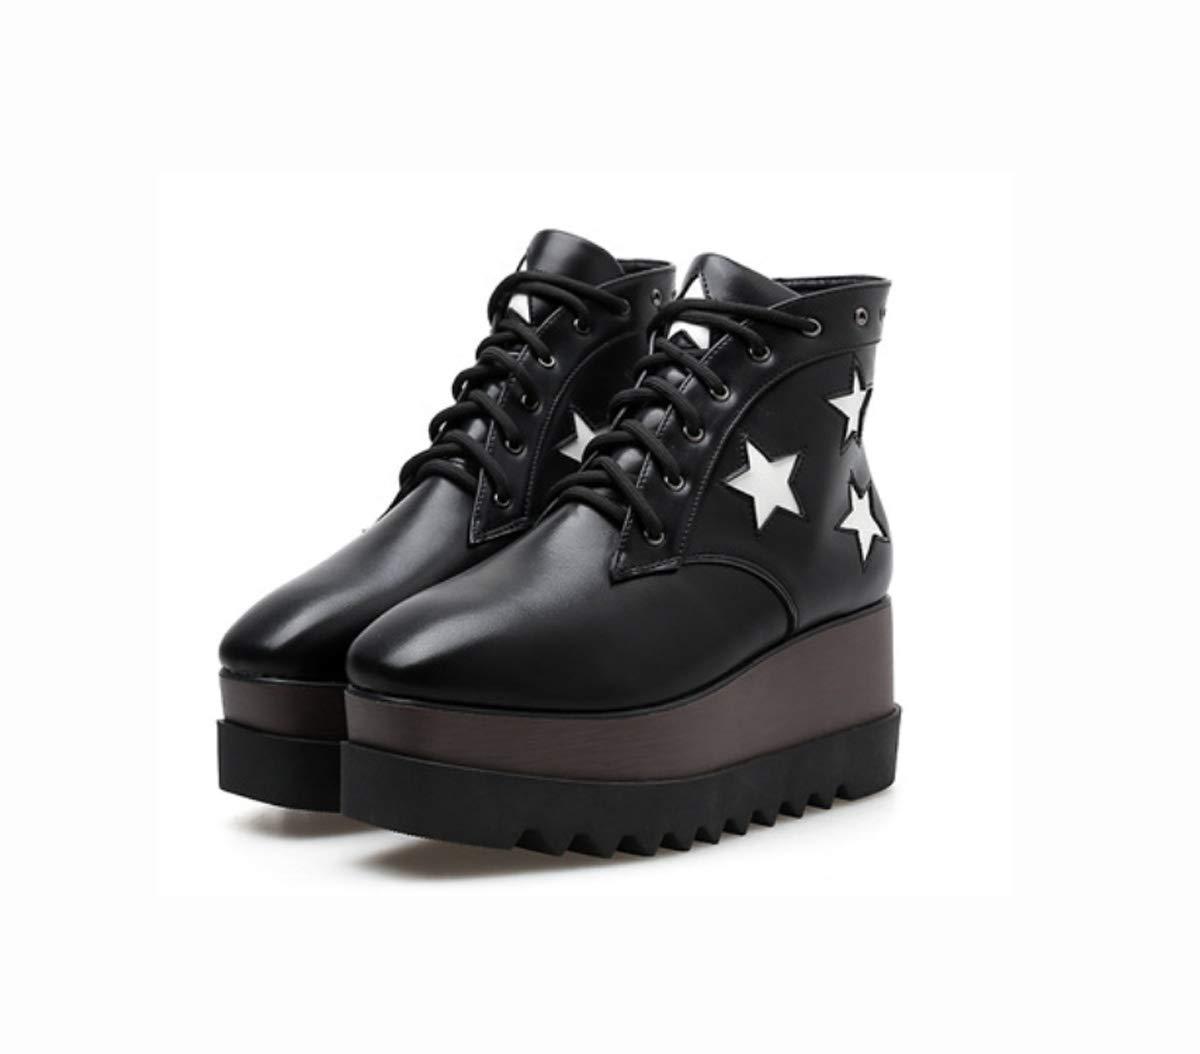 DANDANJIE Damenschuhe Schuhe Keilabsatz Stiefeletten mit Fashion Square Toe Stiefelies Schwarz für Herbst und Winter